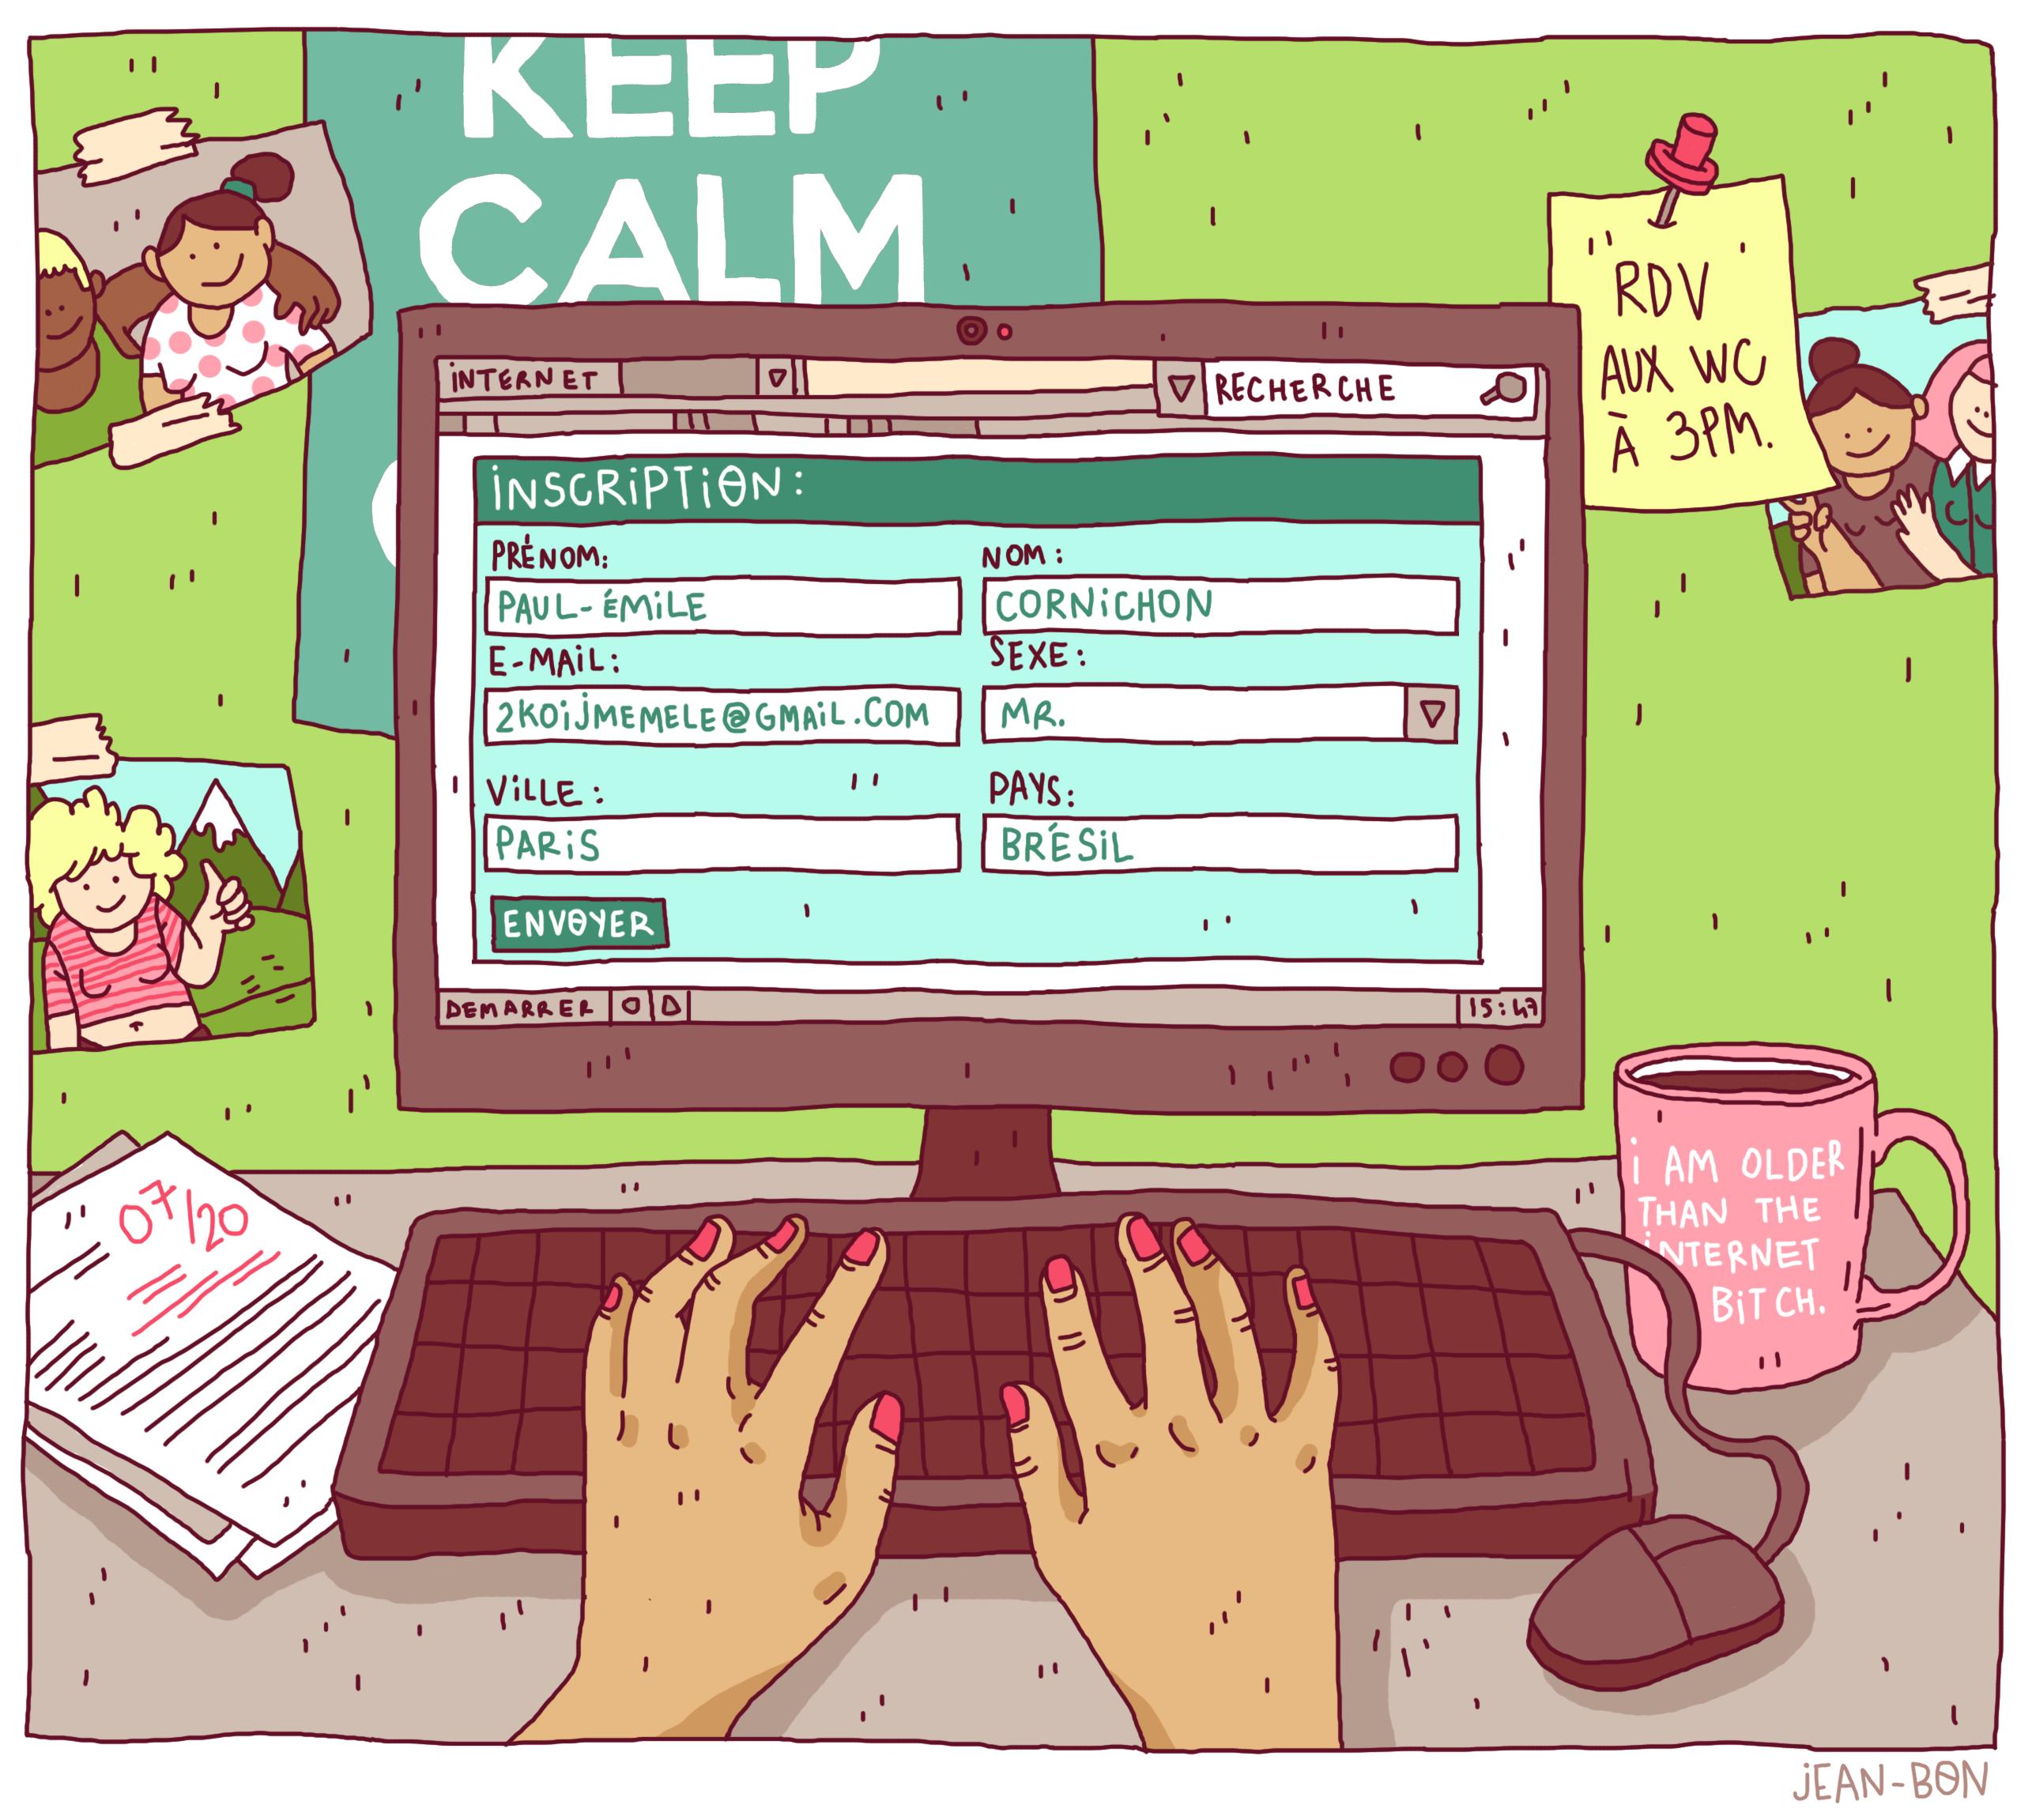 Un guide DIY pour une cybersécurité féministe